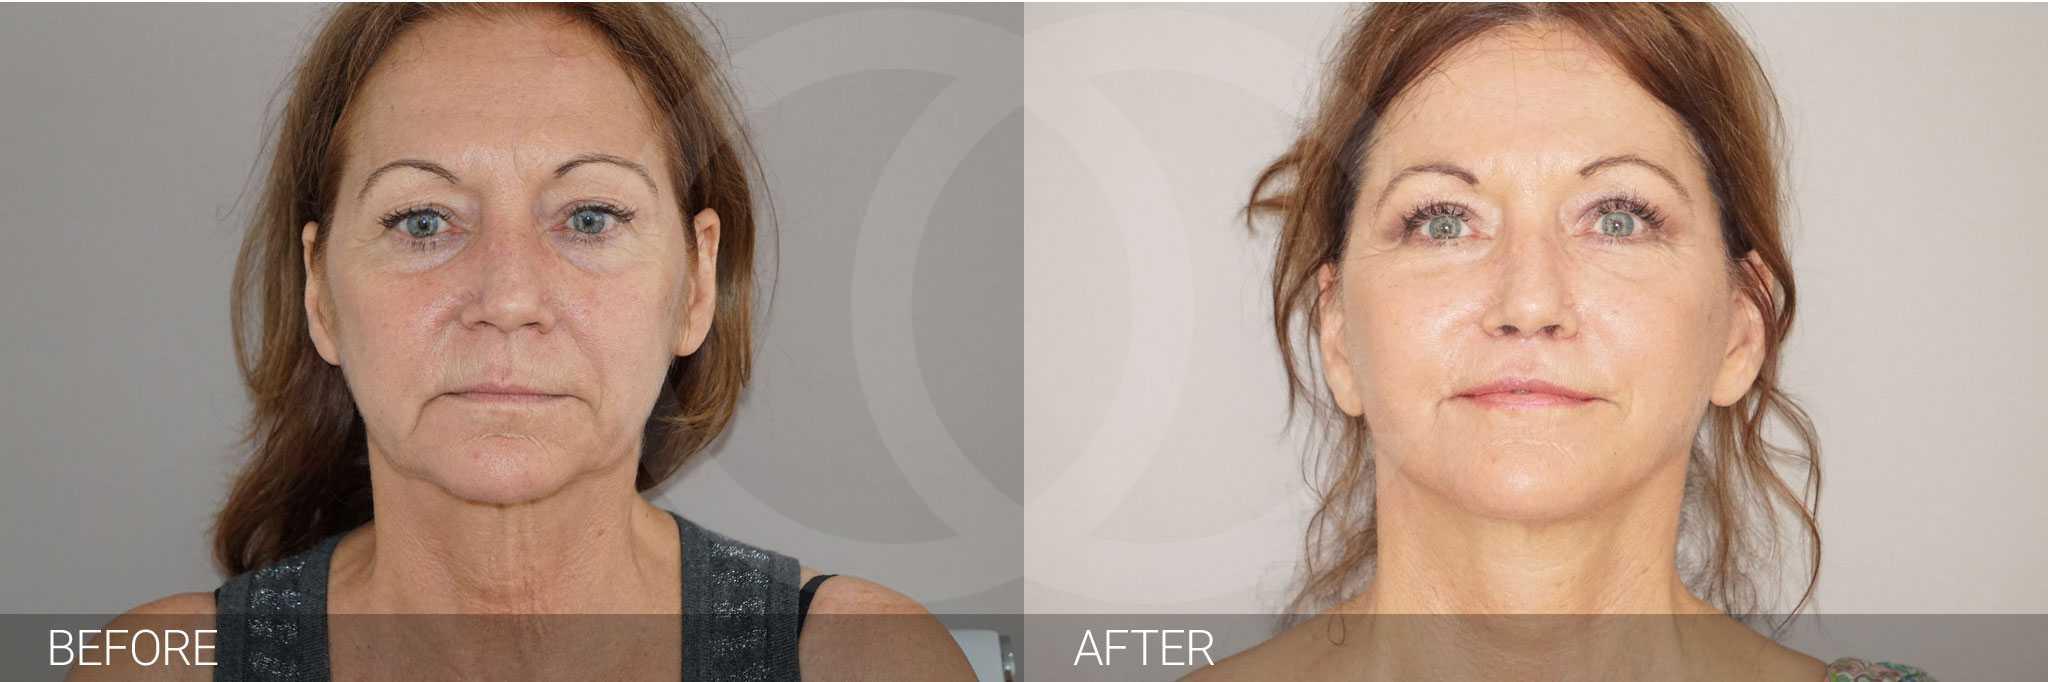 Gesichtsbehandlung mit Eigenfett PAVE Gesichtslift ante/post-op I